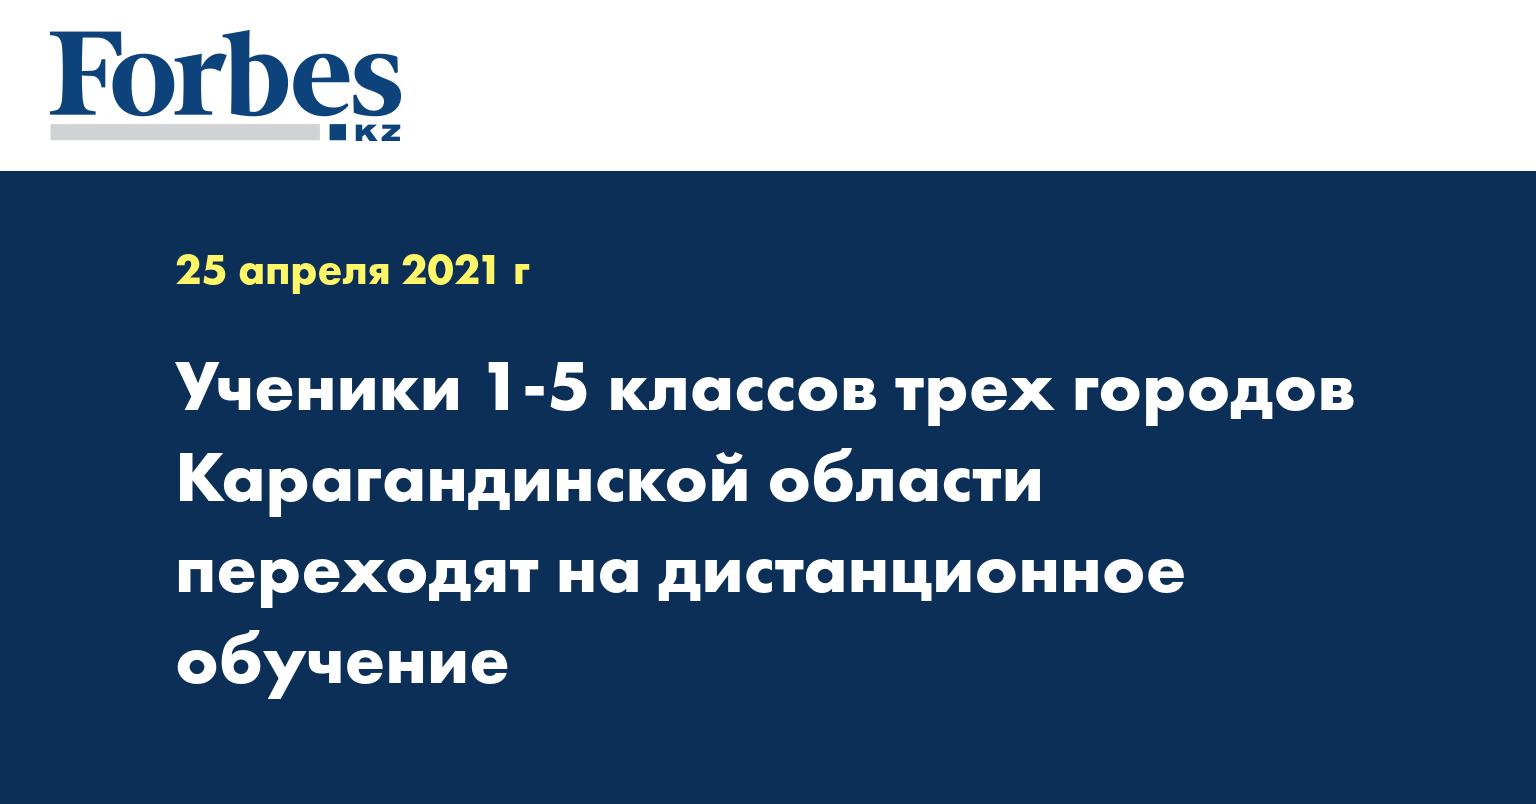 Ученики 1-5 классов трех городов Карагандинской области переходят на дистанционное обучение